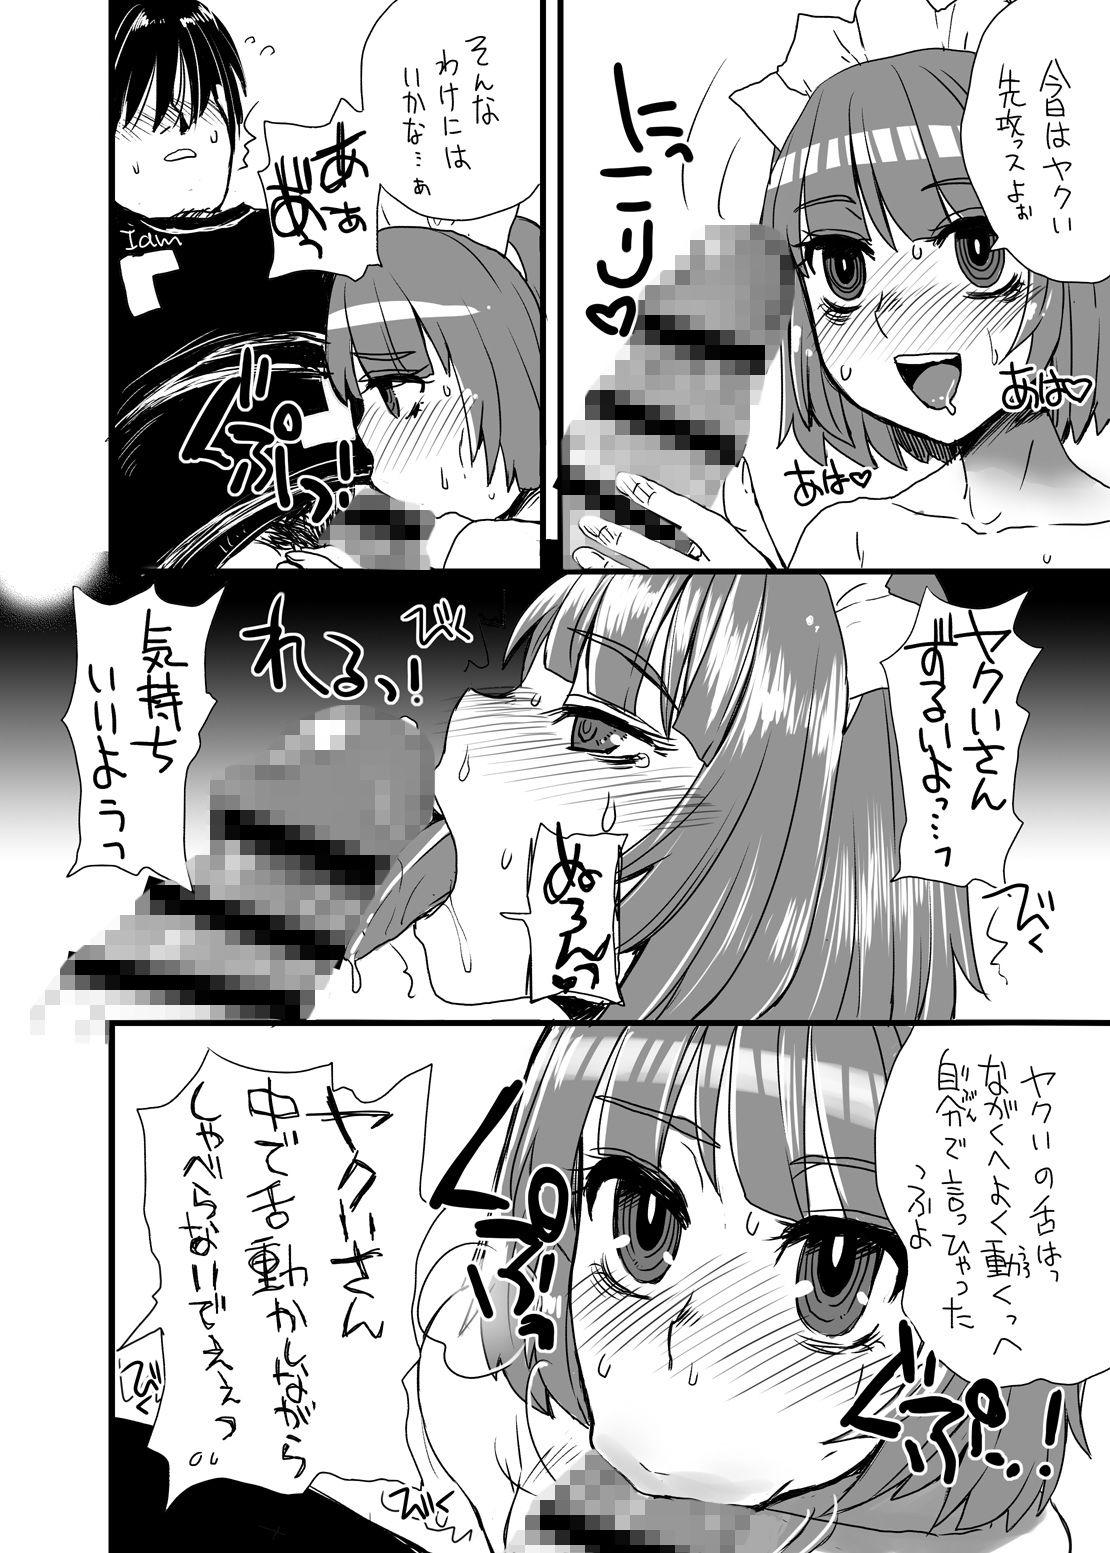 ヤクいさんエロ総集編2013-2016